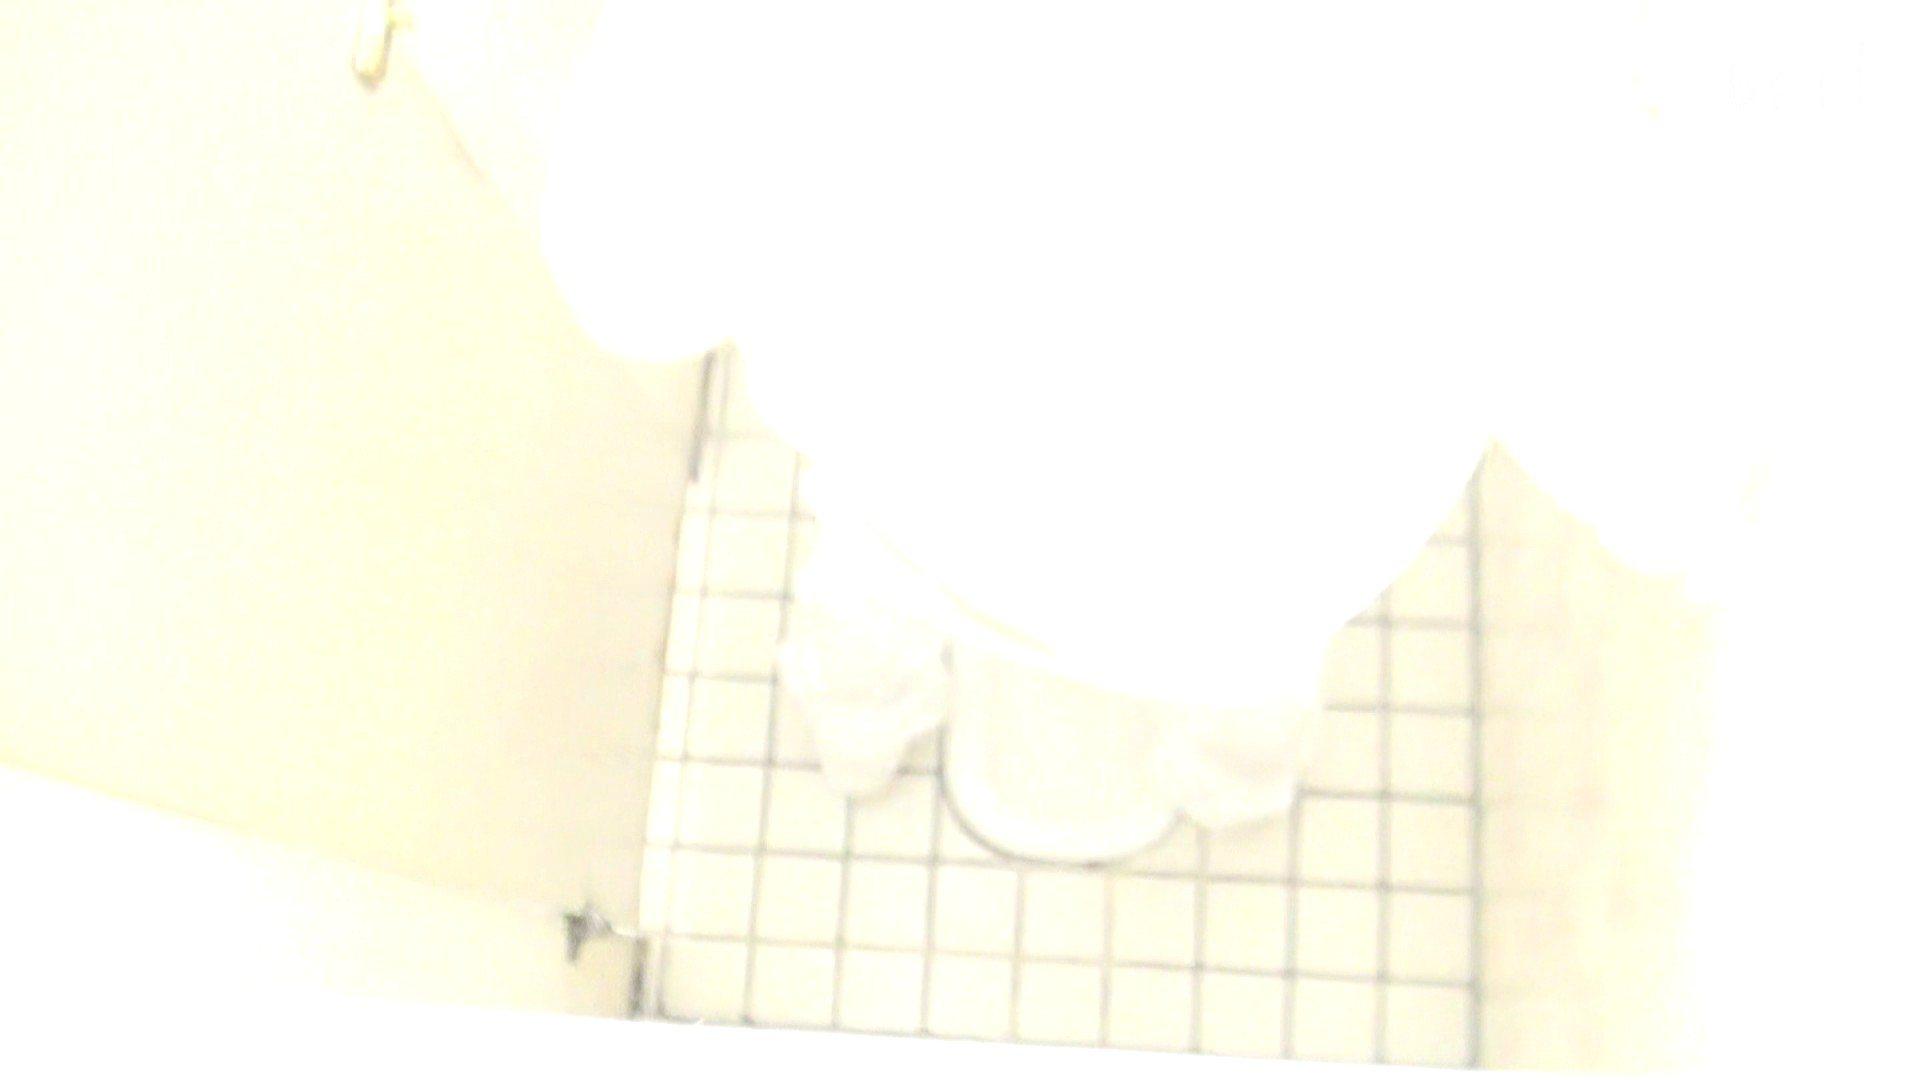 至高下半身盗撮-PREMIUM-【院内病棟編 】 vol.01 盗撮特集  64画像 48